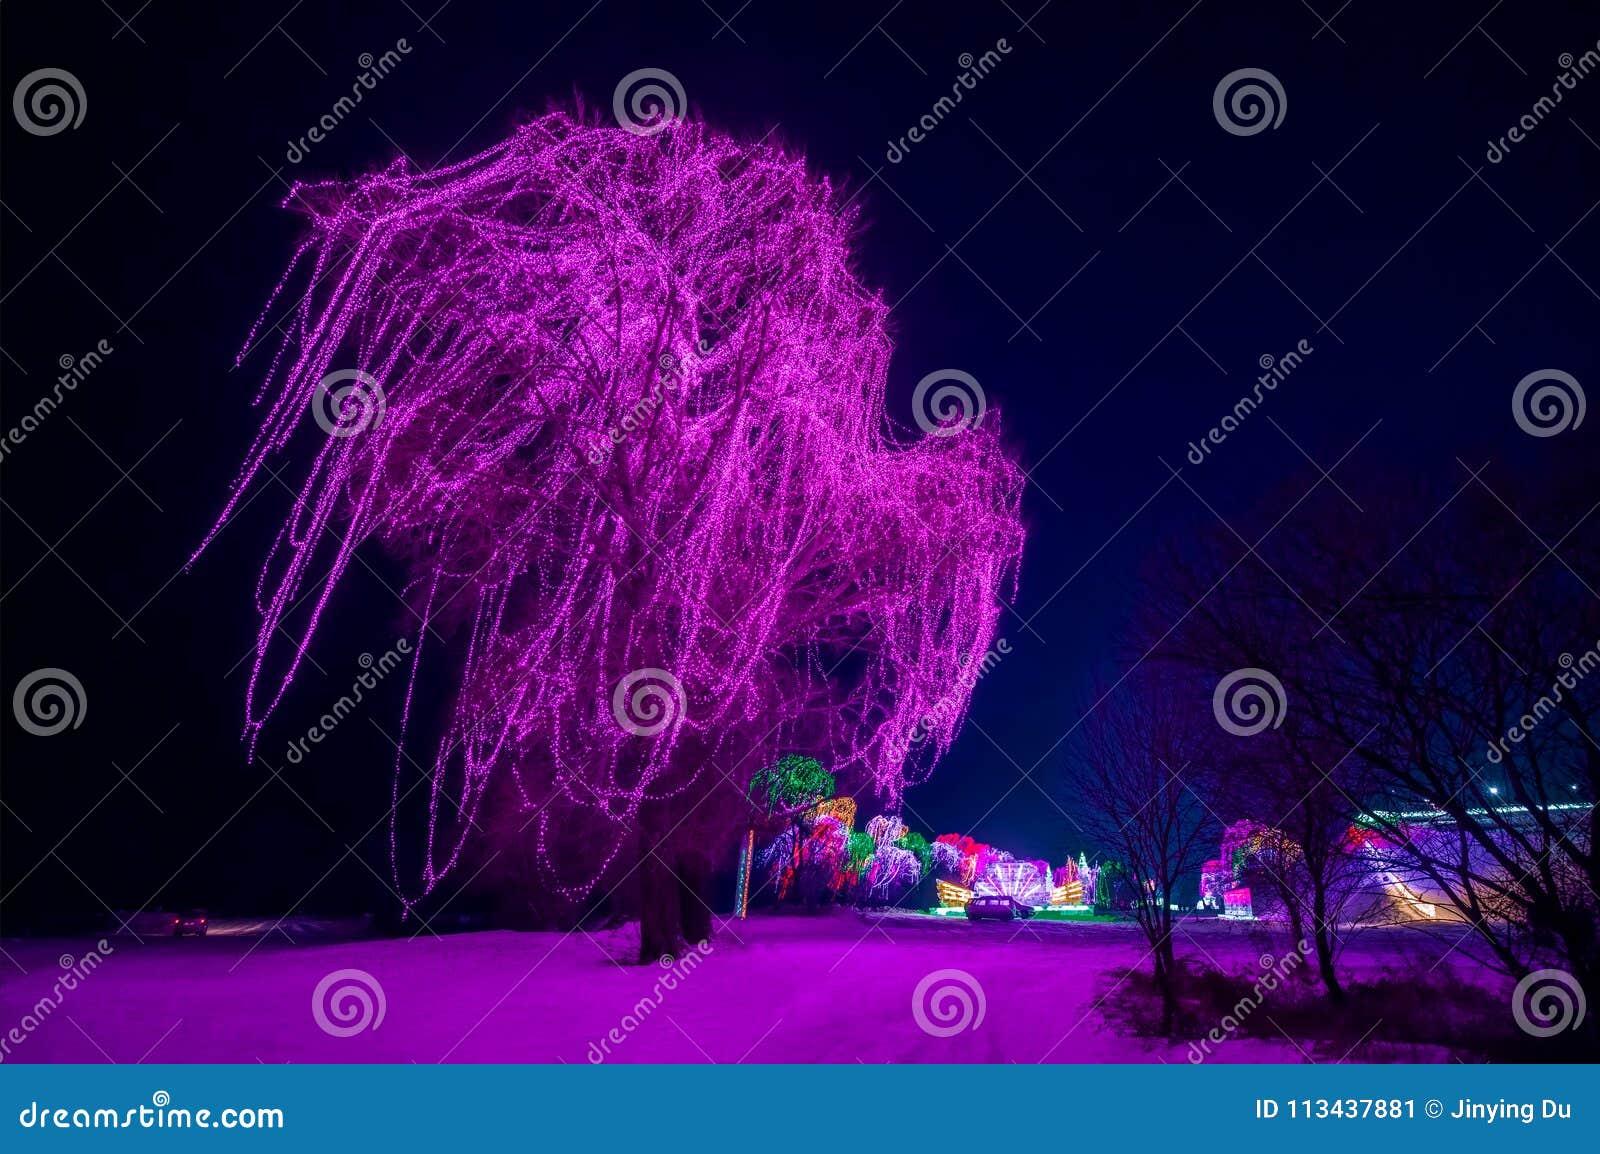 Uma árvore grande decorada com luzes roxas